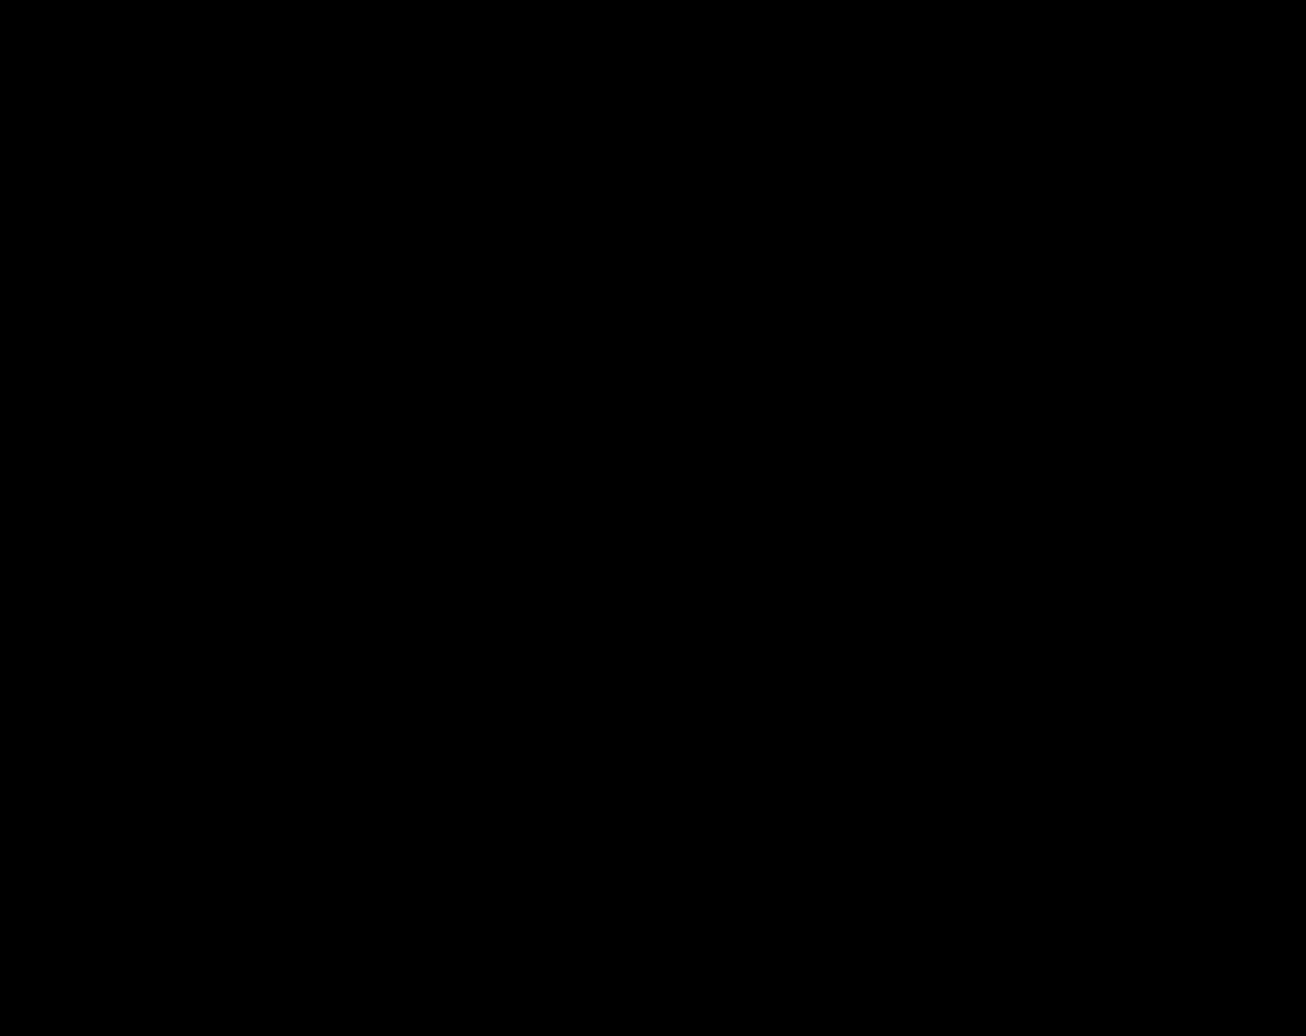 4-(2-(2-Hydroxyethyl)benzofuran-5-yl)benzonitrile